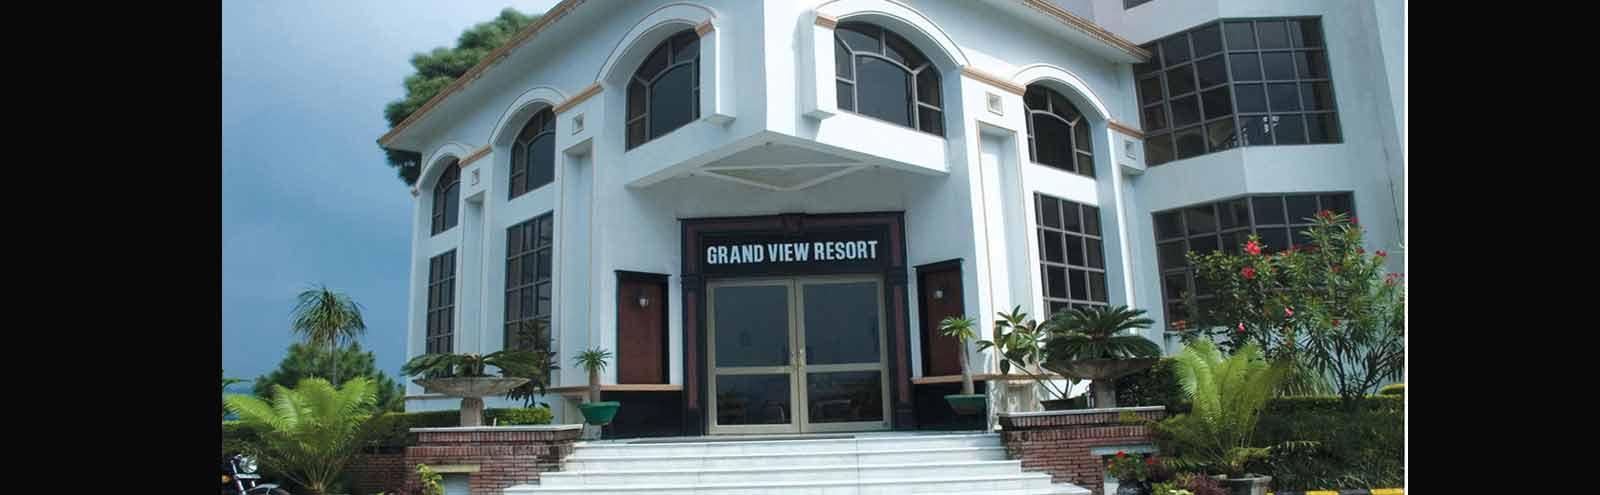 grandviewresort